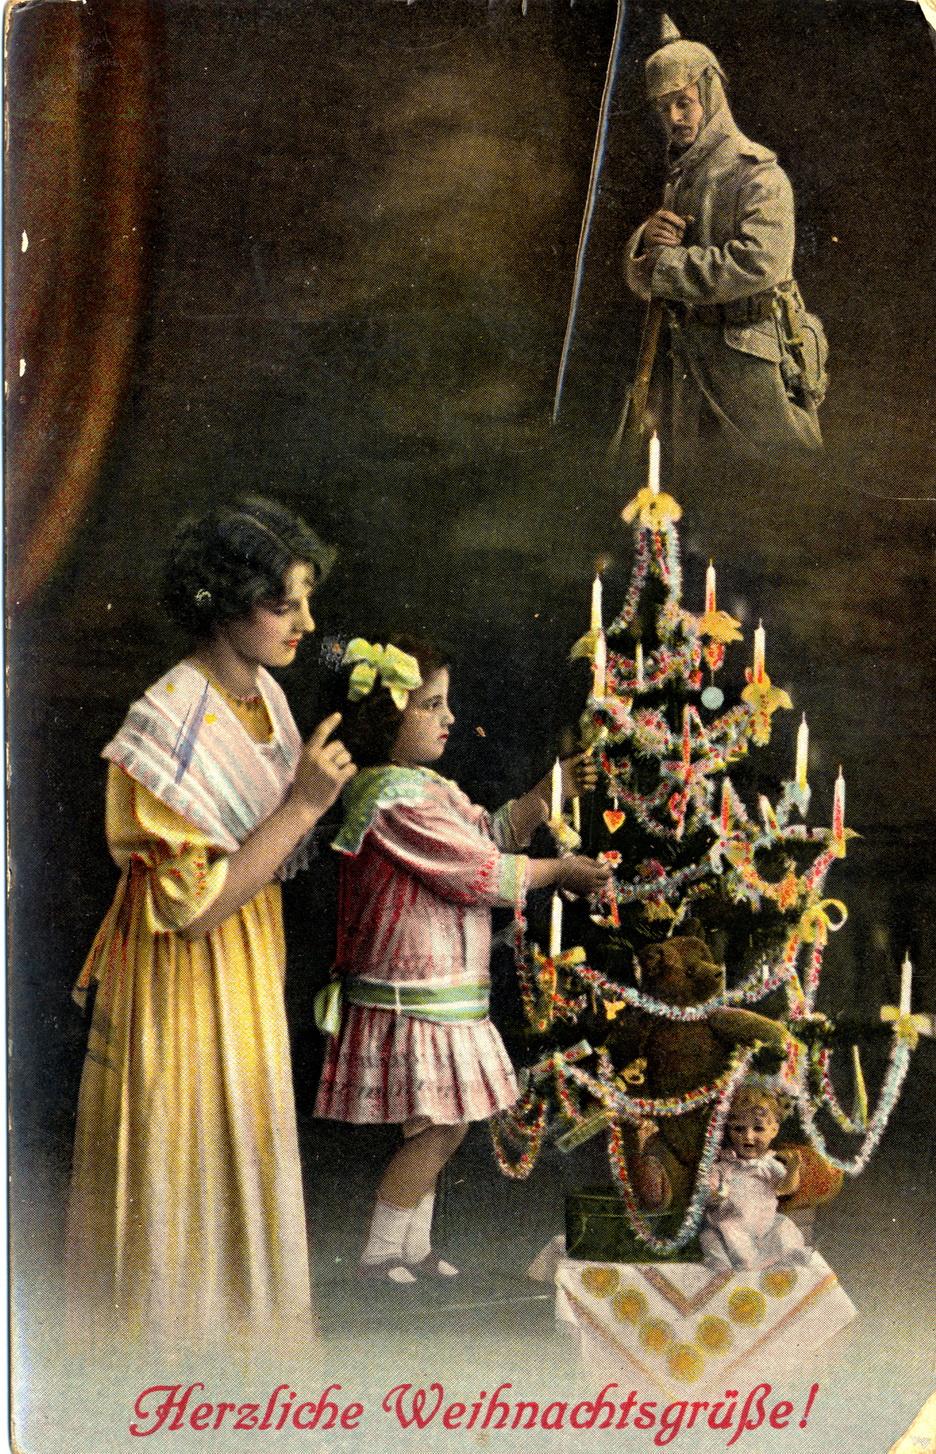 22. december 1918. Kun 6 mand fik juleorlov – og Peter Madsen var ikke blandt dem